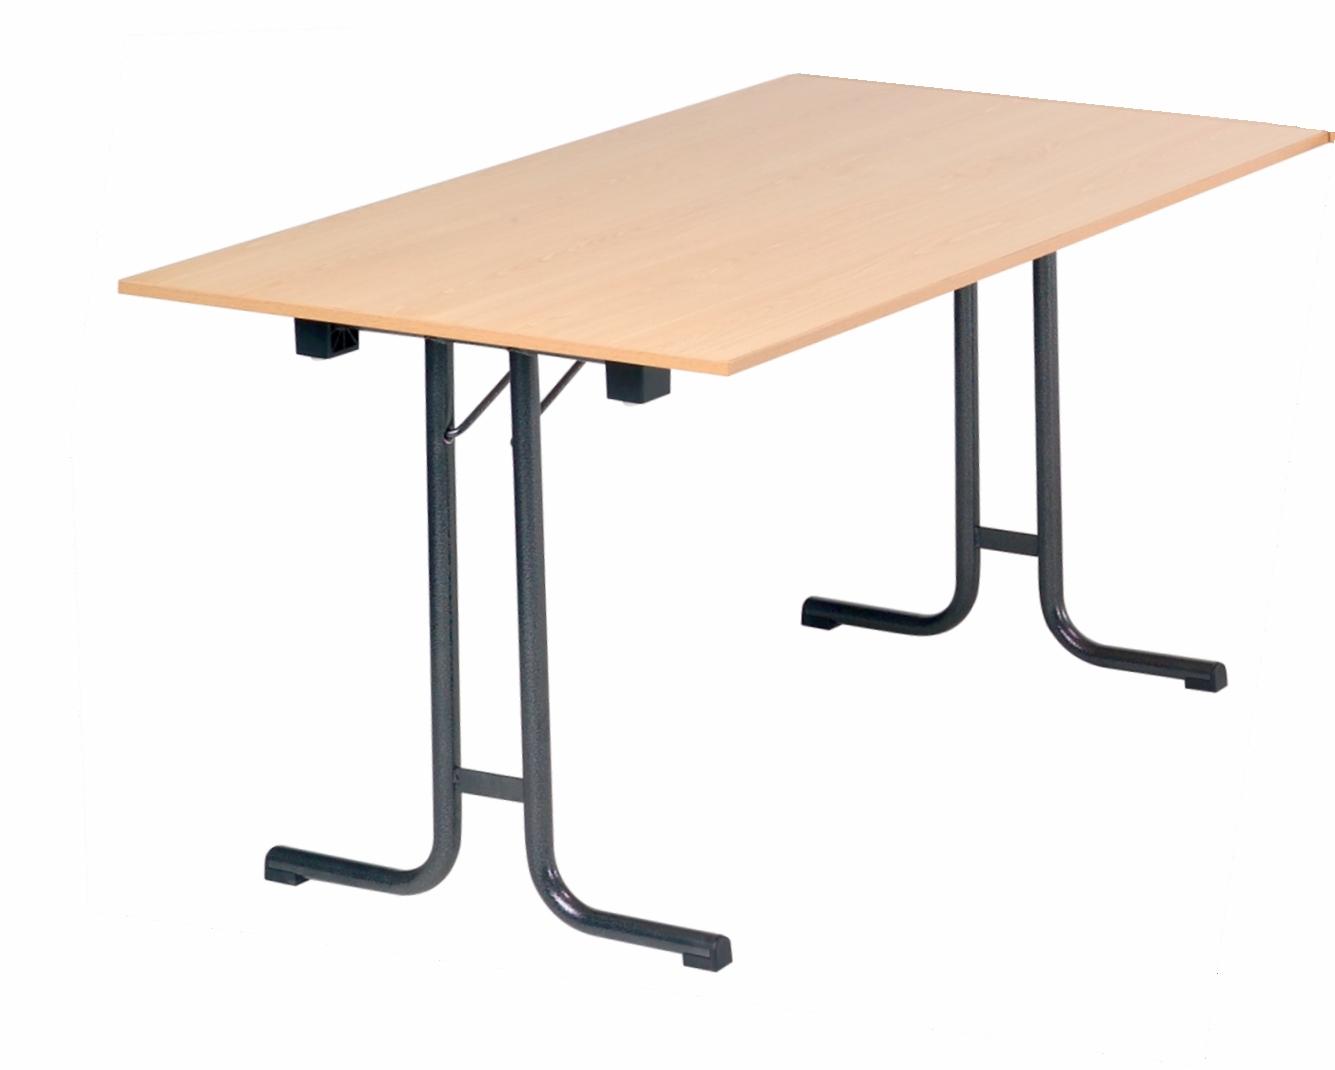 location de chaise et de table vaucluse 84 lecourtier location. Black Bedroom Furniture Sets. Home Design Ideas